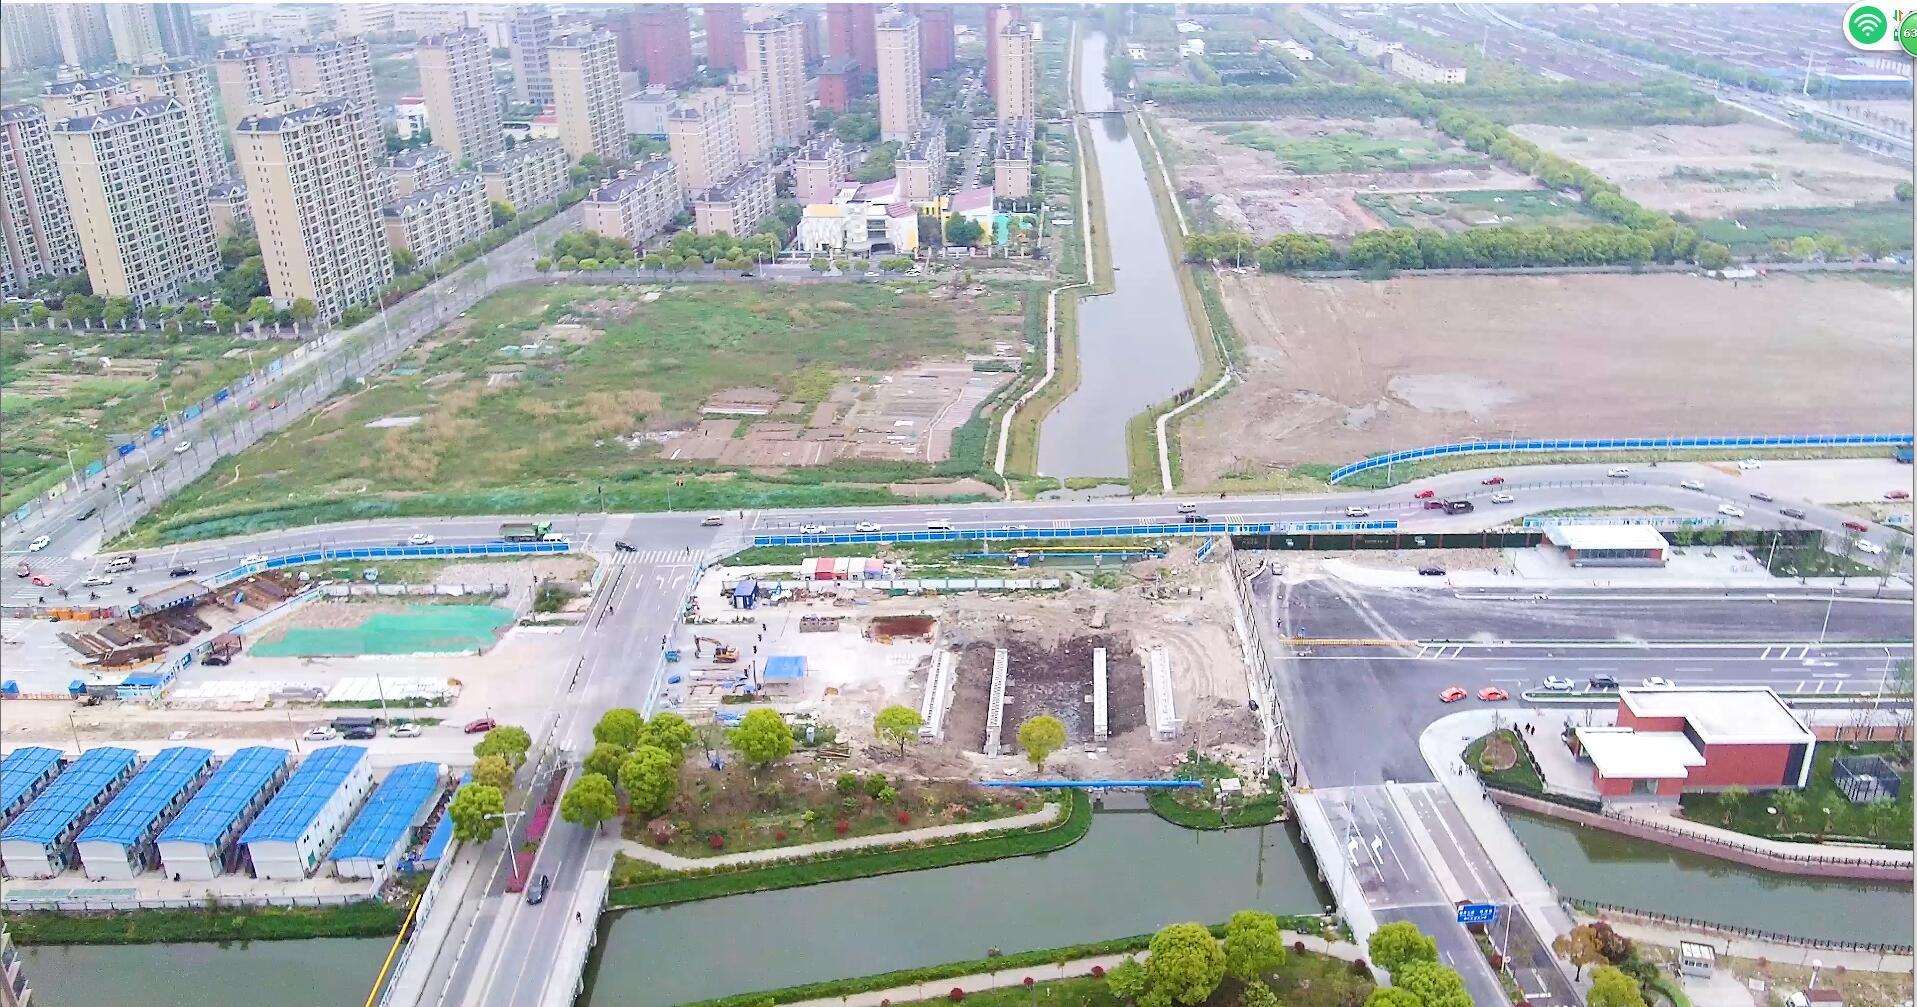 上海郊区城市发展建设道路交通4K视频